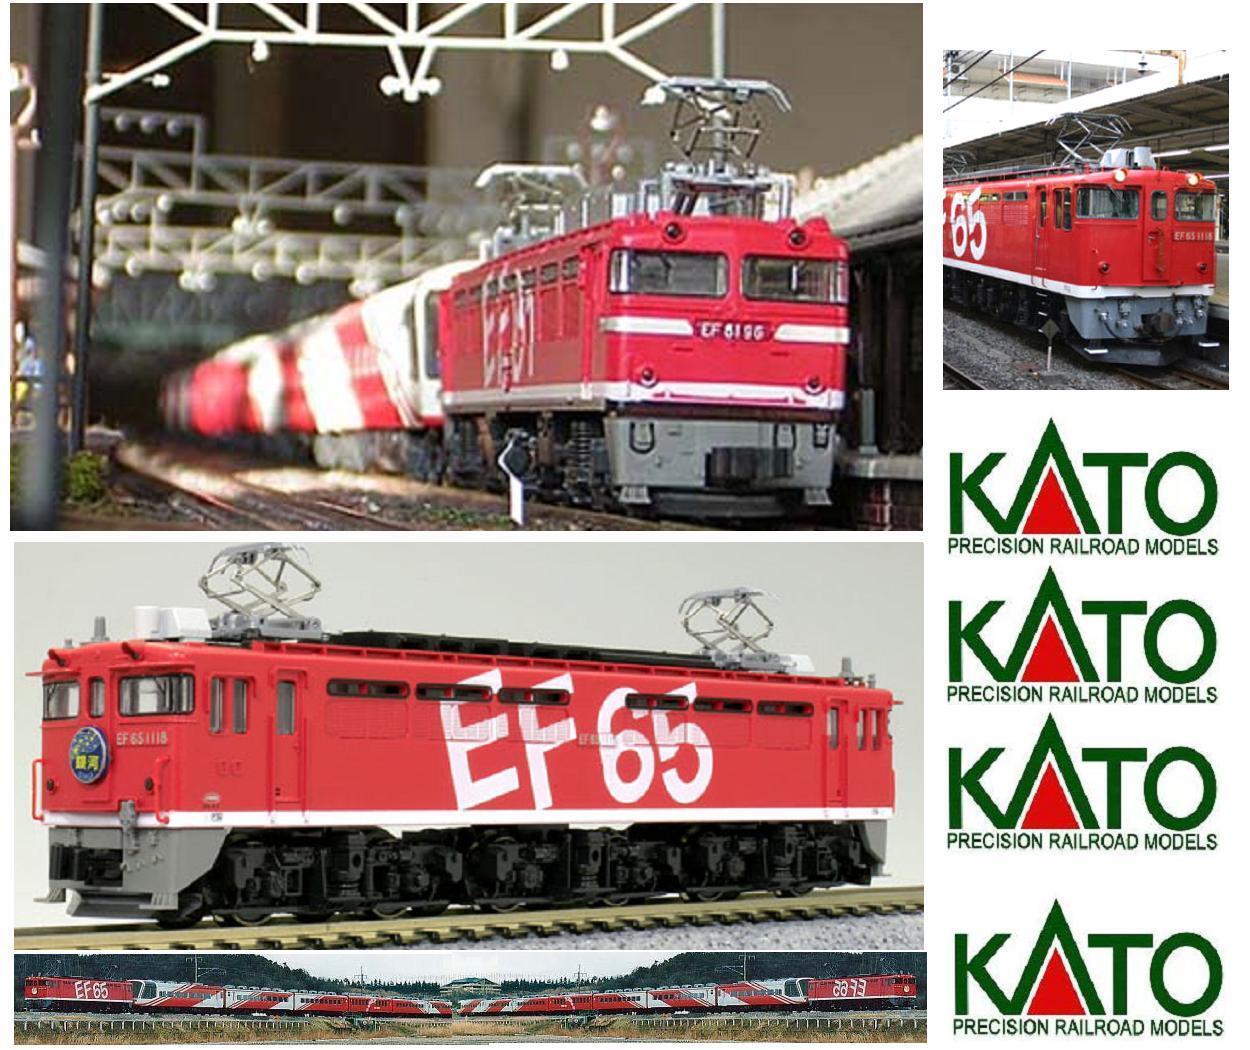 KATO 3019-9 3019-9 3019-9 LOCOMOTIVE ELECTRICAL PASSEGGERI 0-6-6-0 SERIE EF65 JR in the OVP b54405